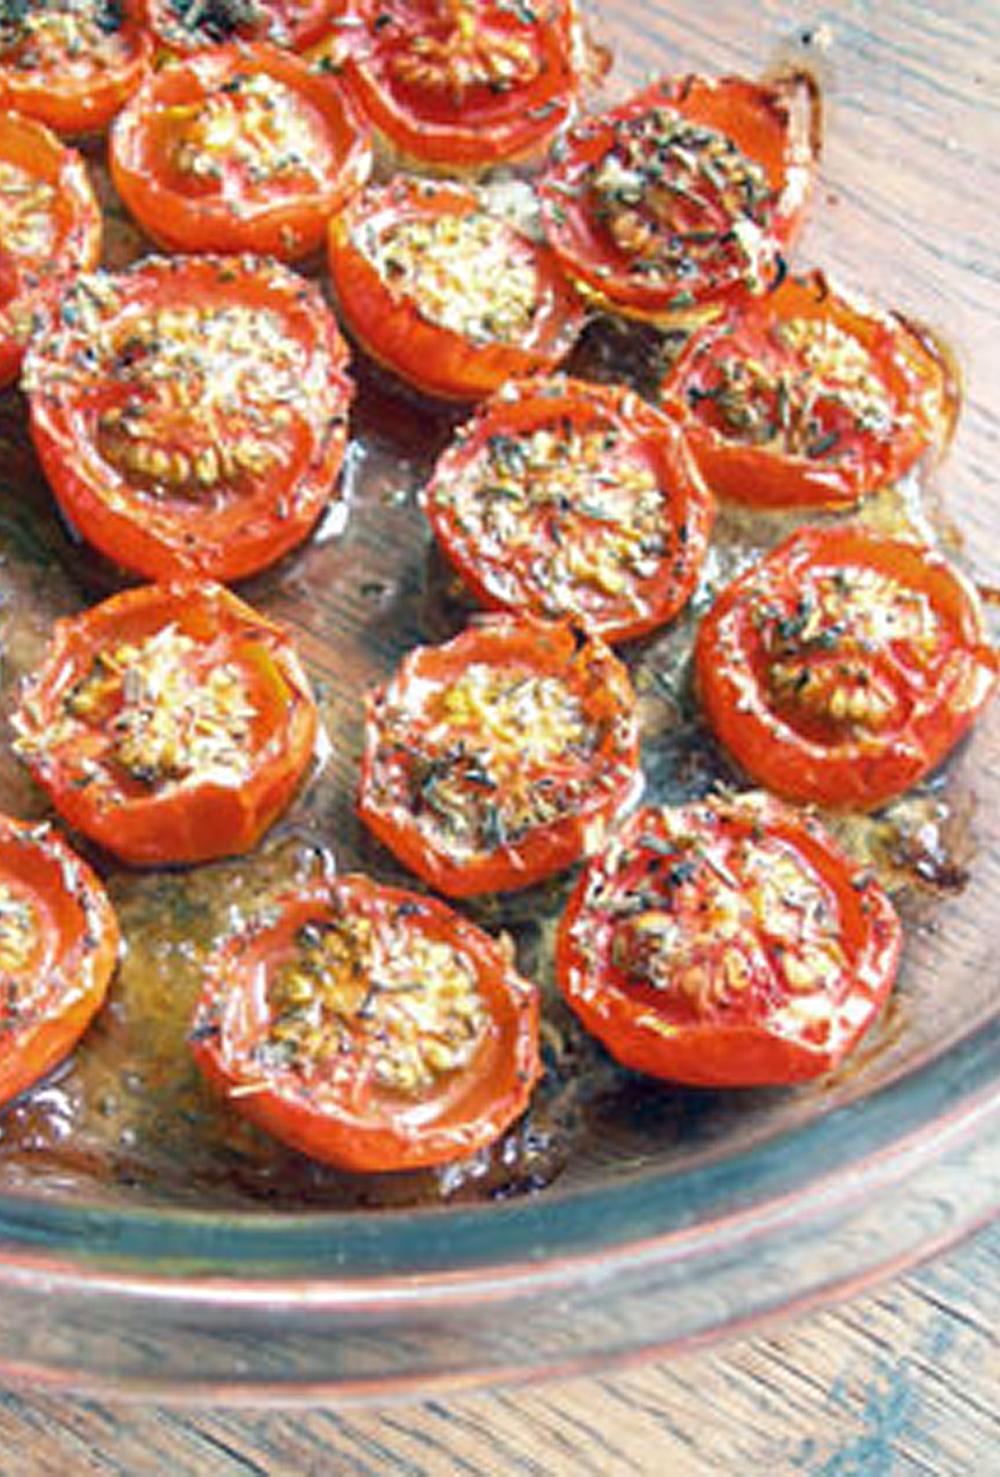 sunblushed-tomatoes